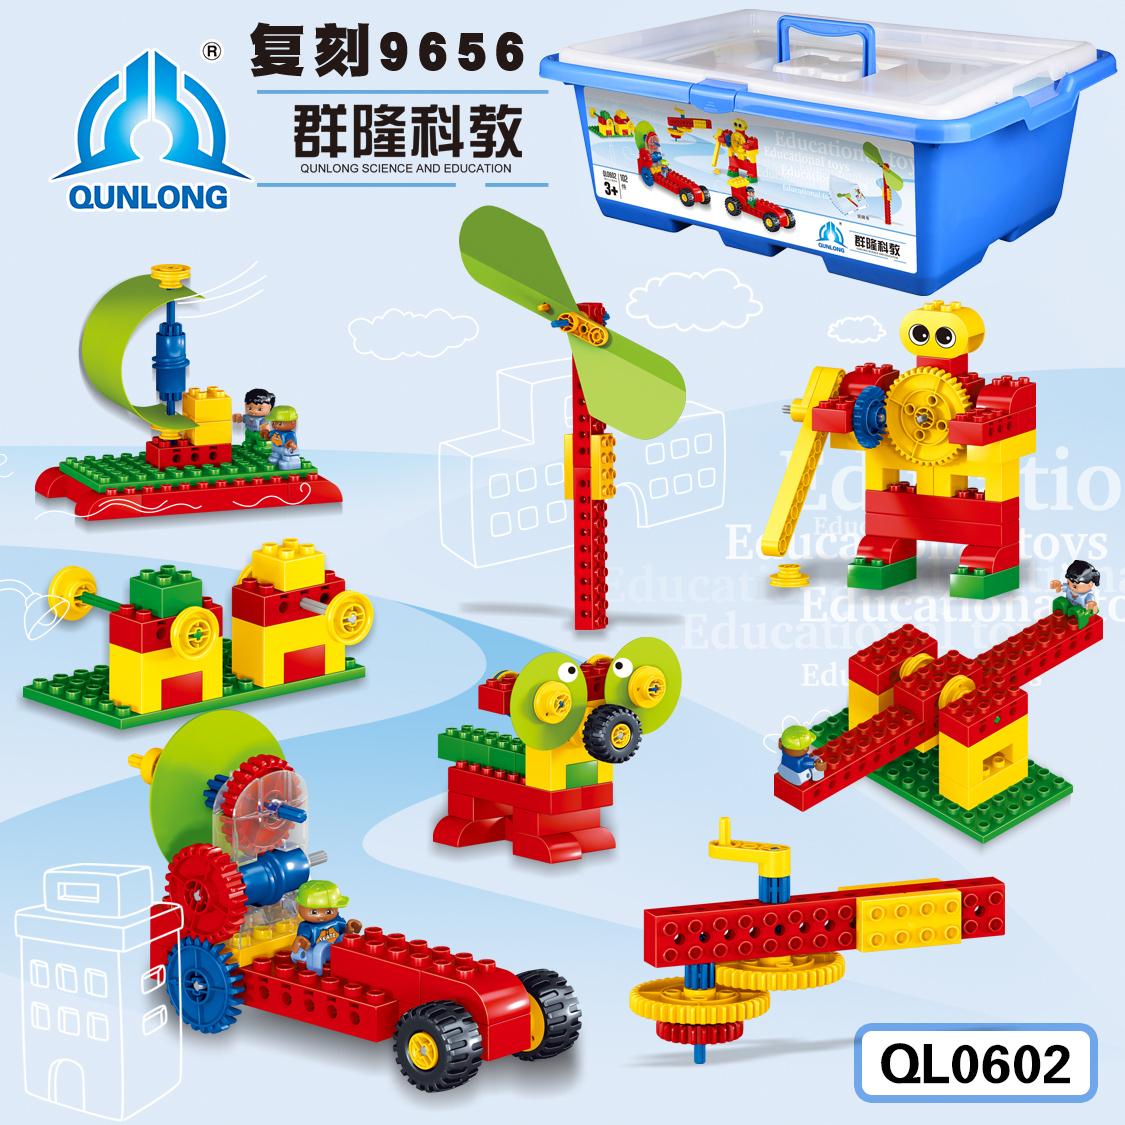 热卖3-5岁大机械拼装颗粒玩具桶装群隆v机械科教动力积木玩具6-14岁芭比娃娃关节最多的是多少图片